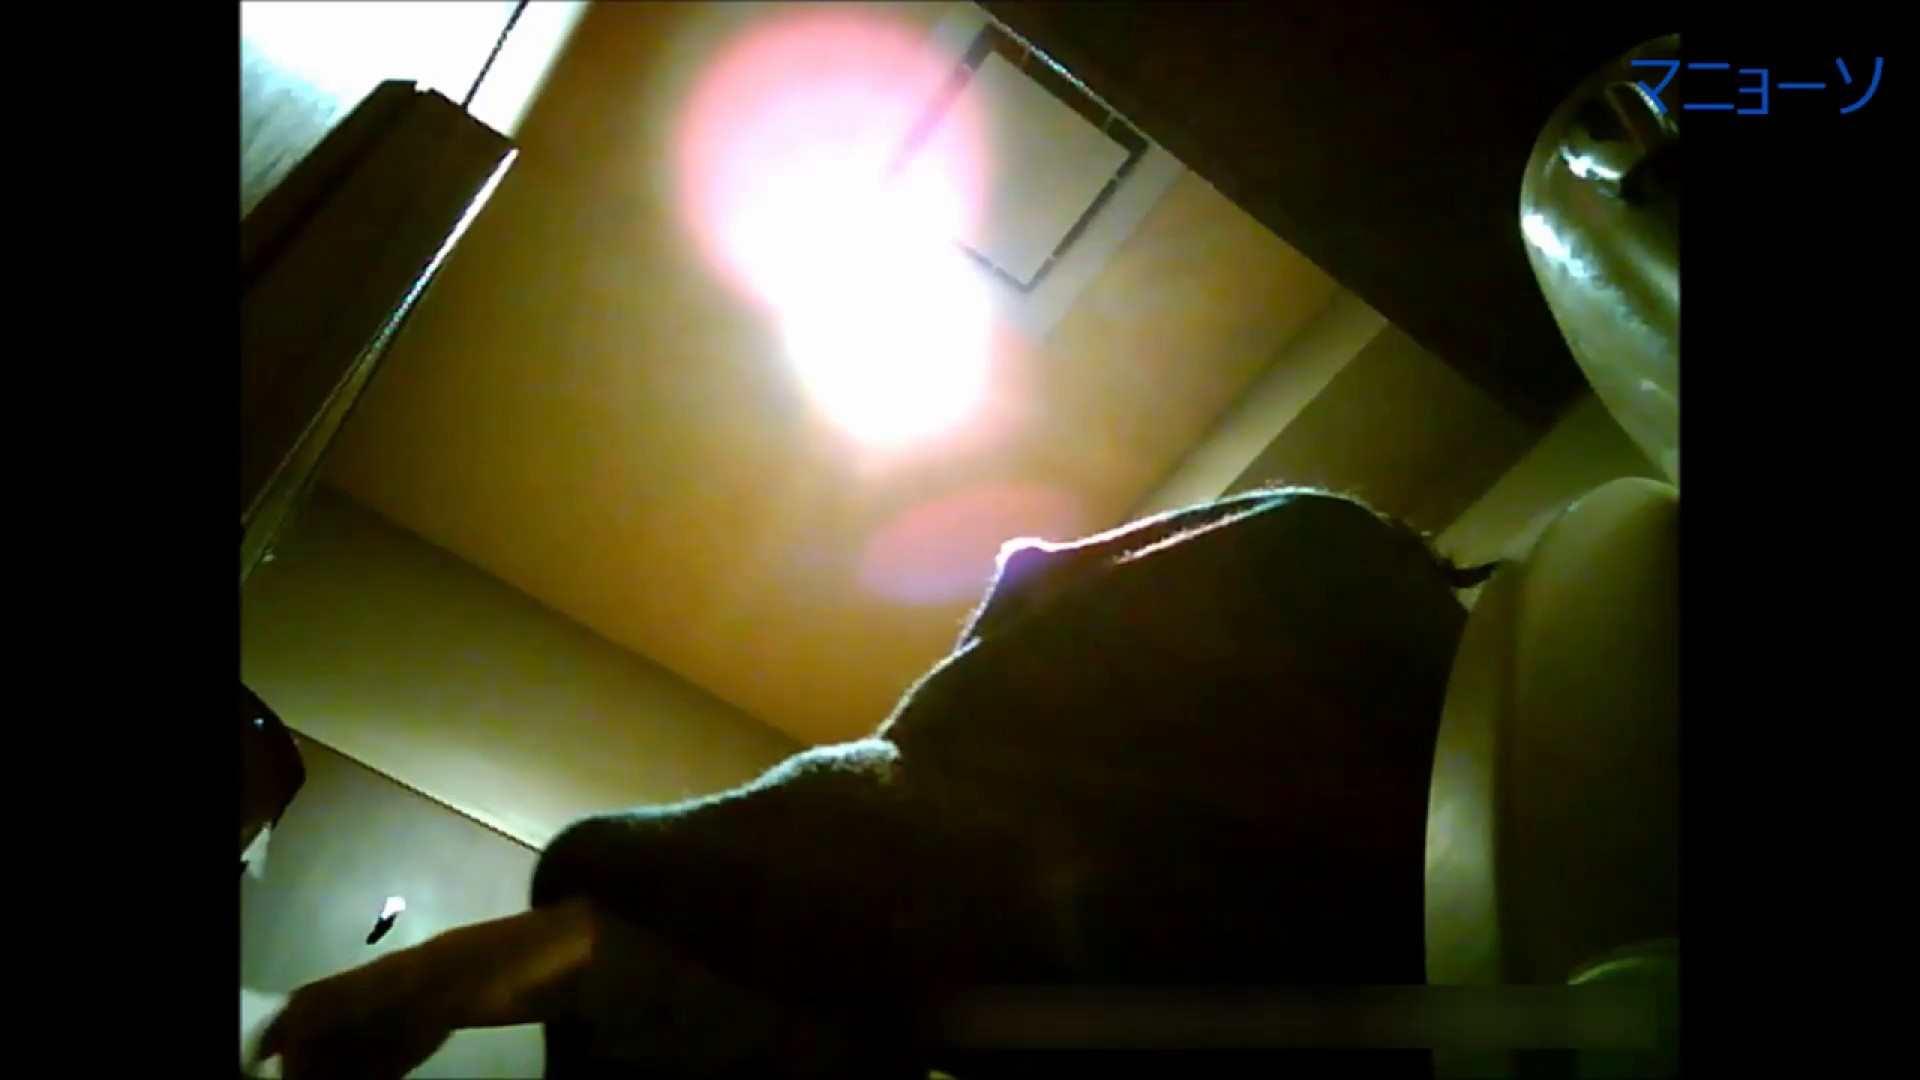 トイレでひと肌脱いでもらいました (JD編)Vol.02 トイレ  80pic 36